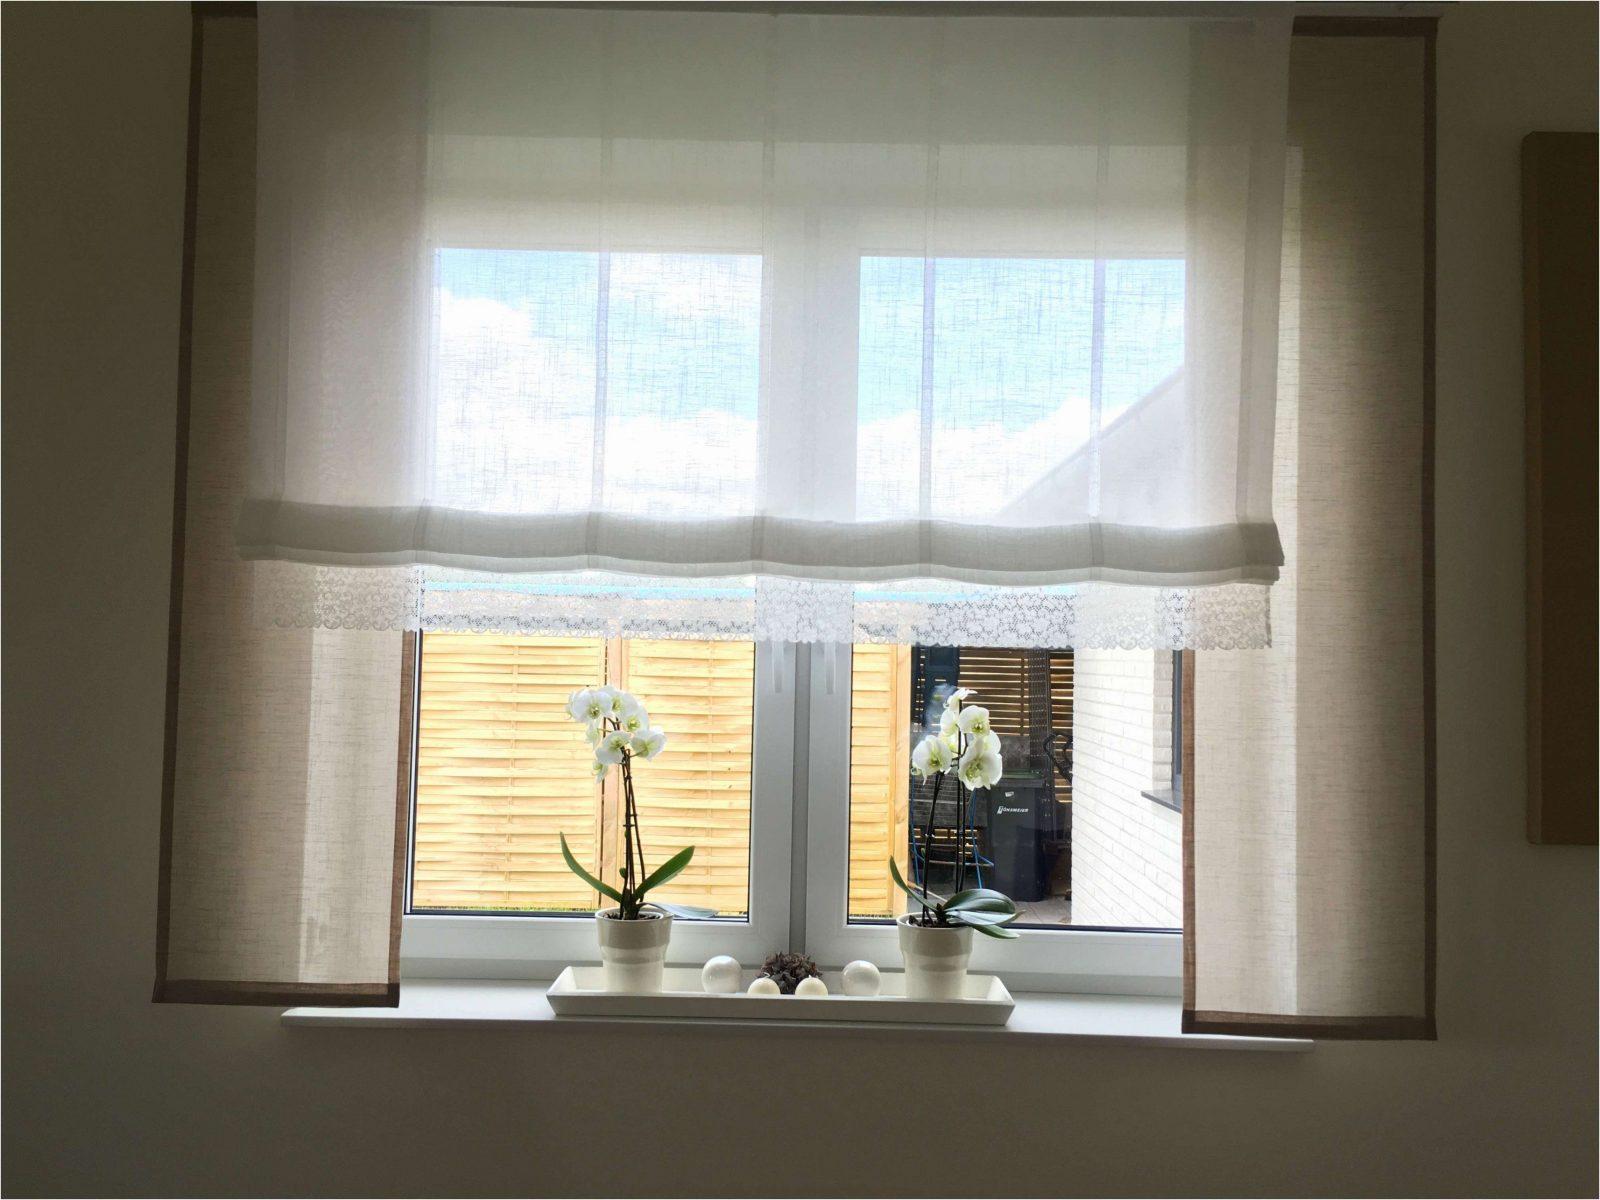 Welche Gardinen Für Breite Fenster Design Von Gardinen Ideen Für von Gardinen Ideen Für Große Fenster Photo